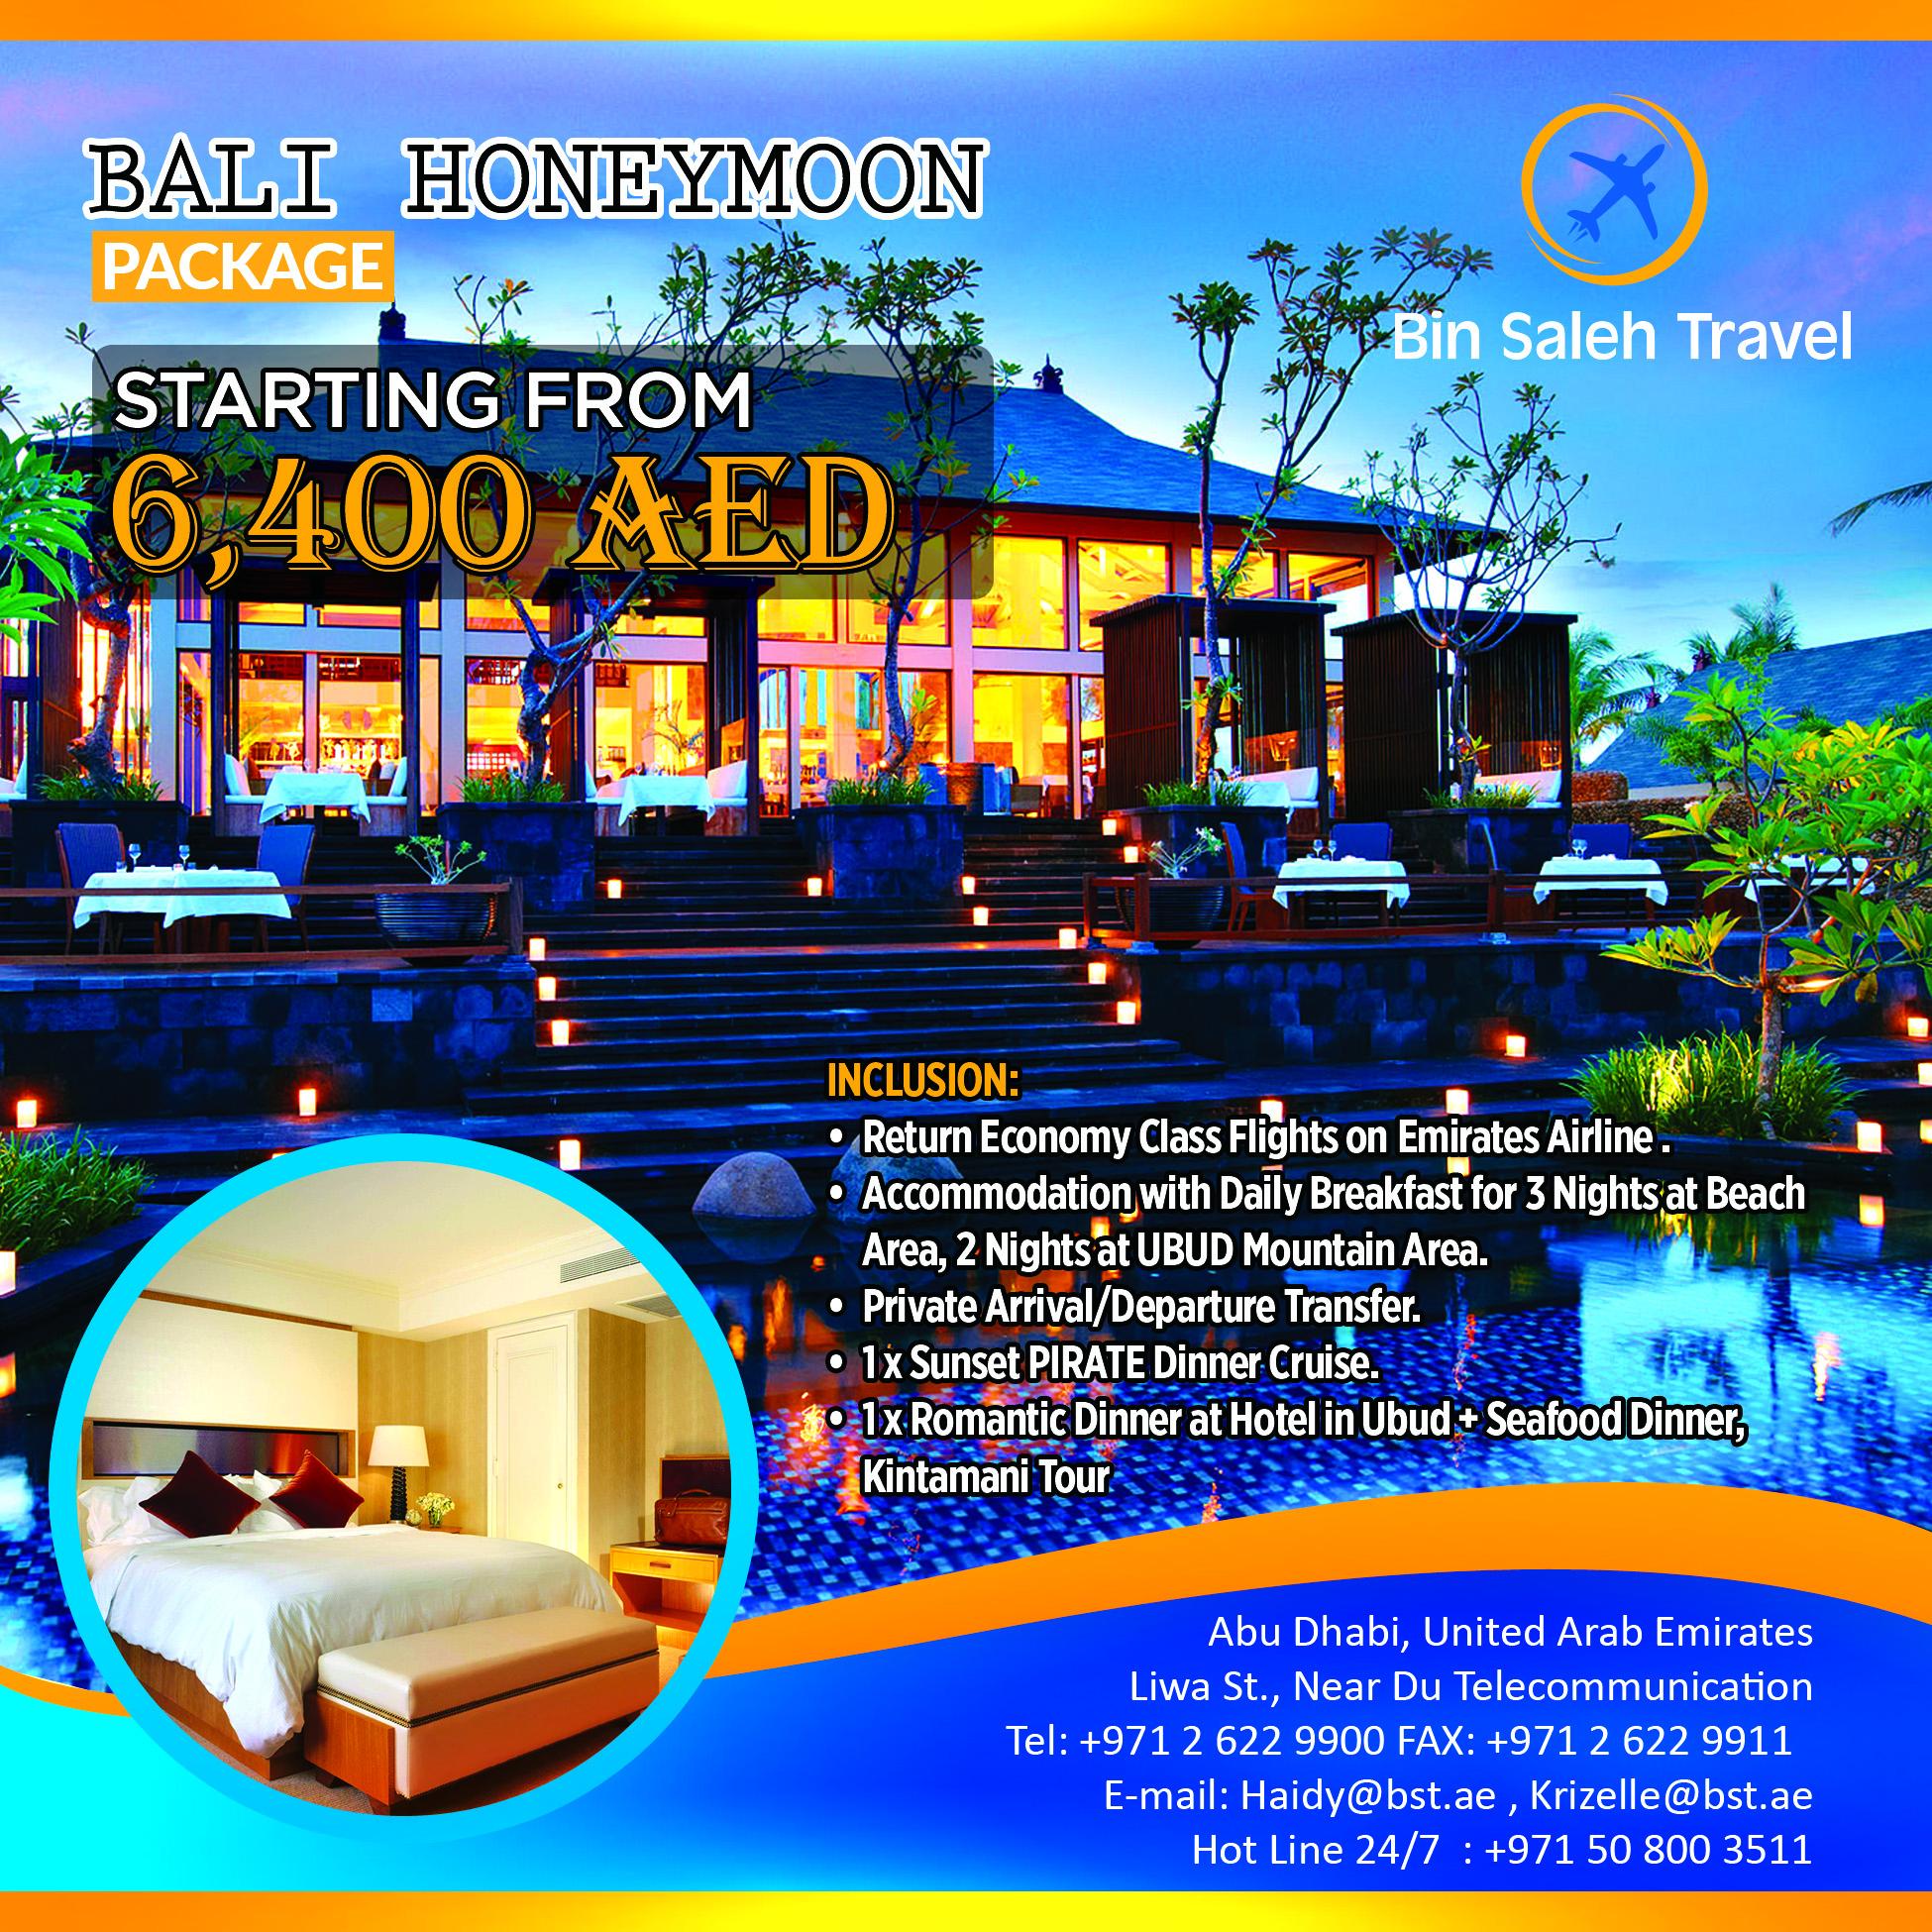 Bali (Honeymoon Package)